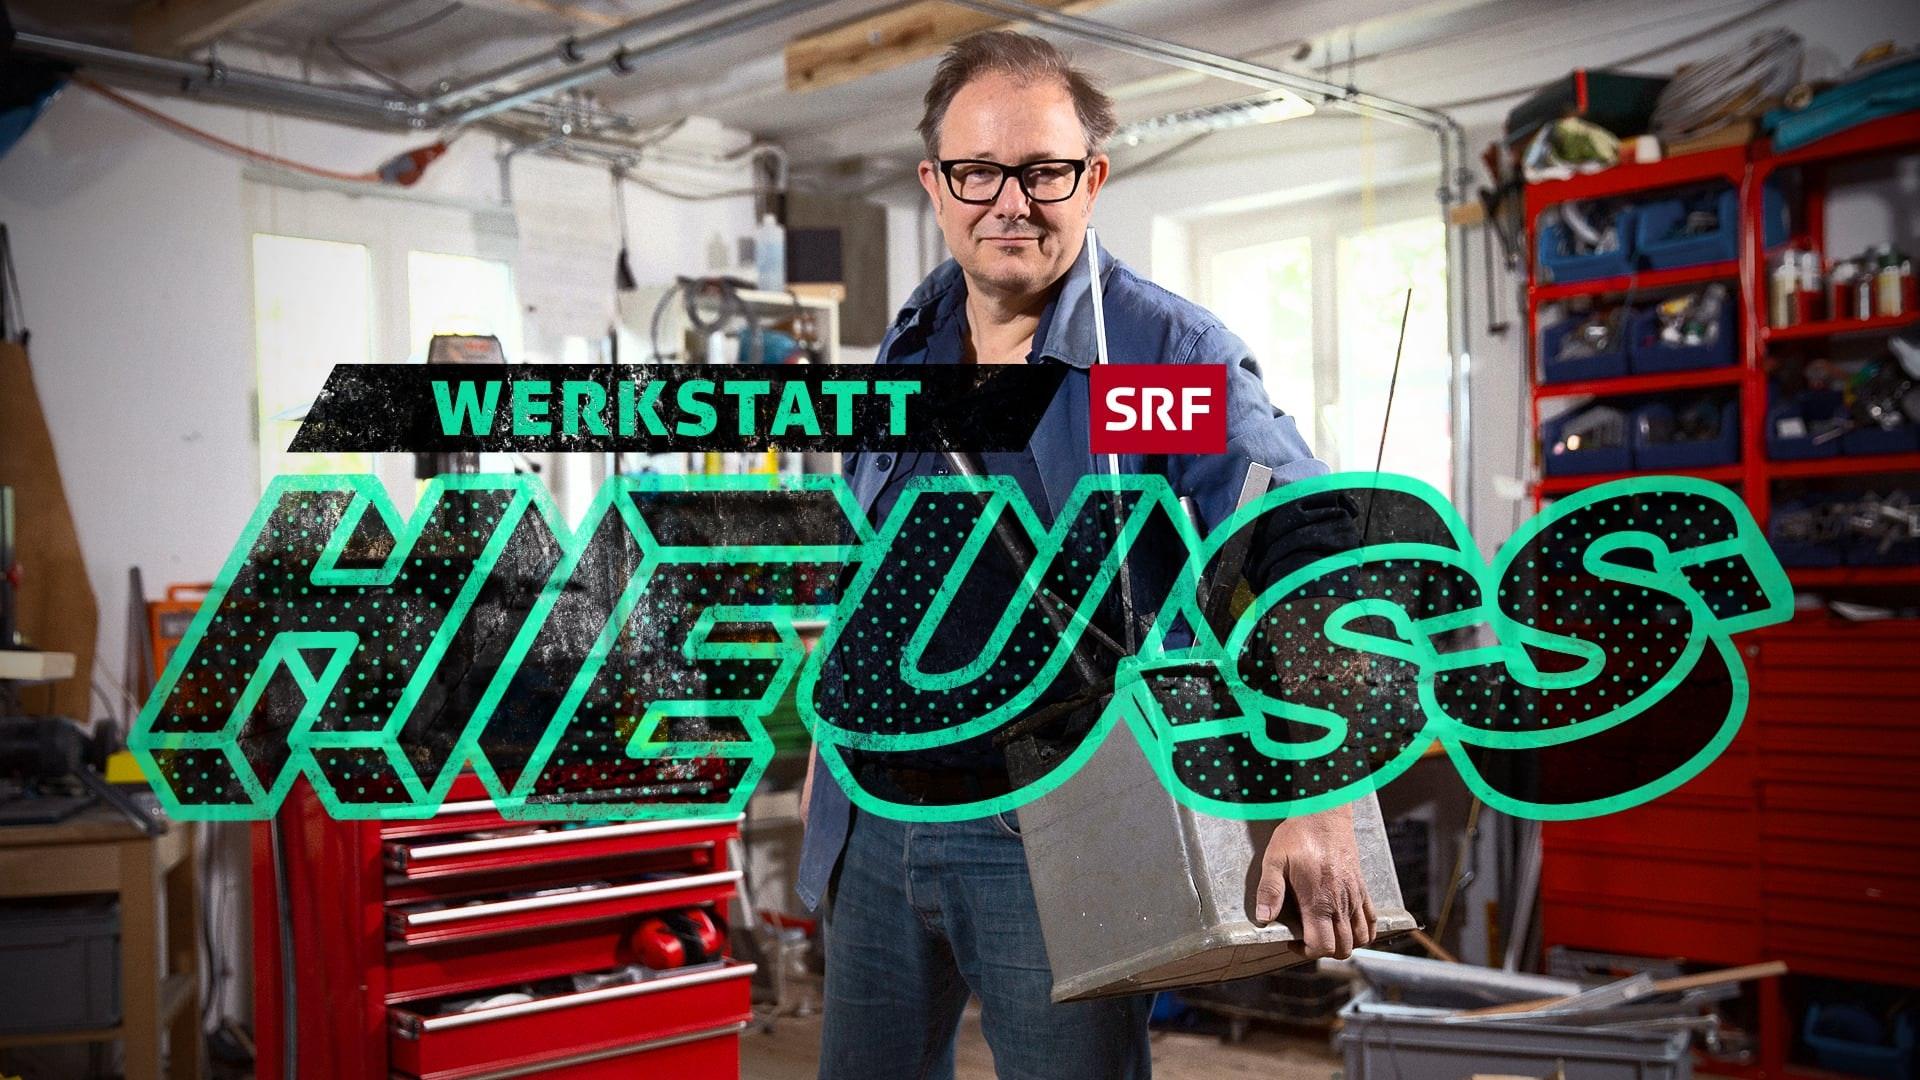 Werkstatt Heuss